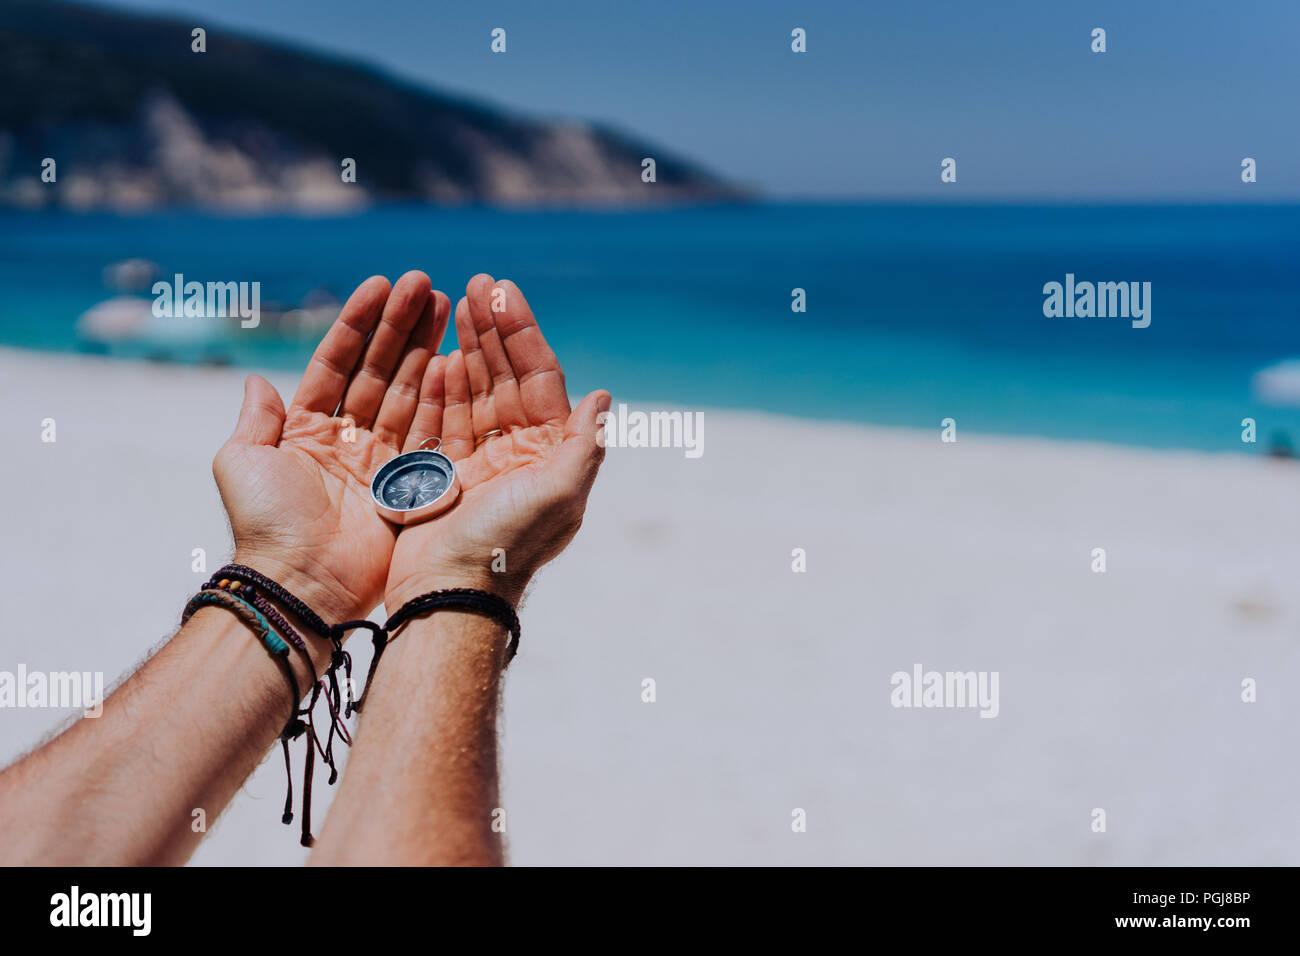 Mano aperta palms tenendo la bussola metallica contro la spiaggia sabbiosa e mare blu. La ricerca a modo vostro concetto. Punto di vista pov Immagini Stock